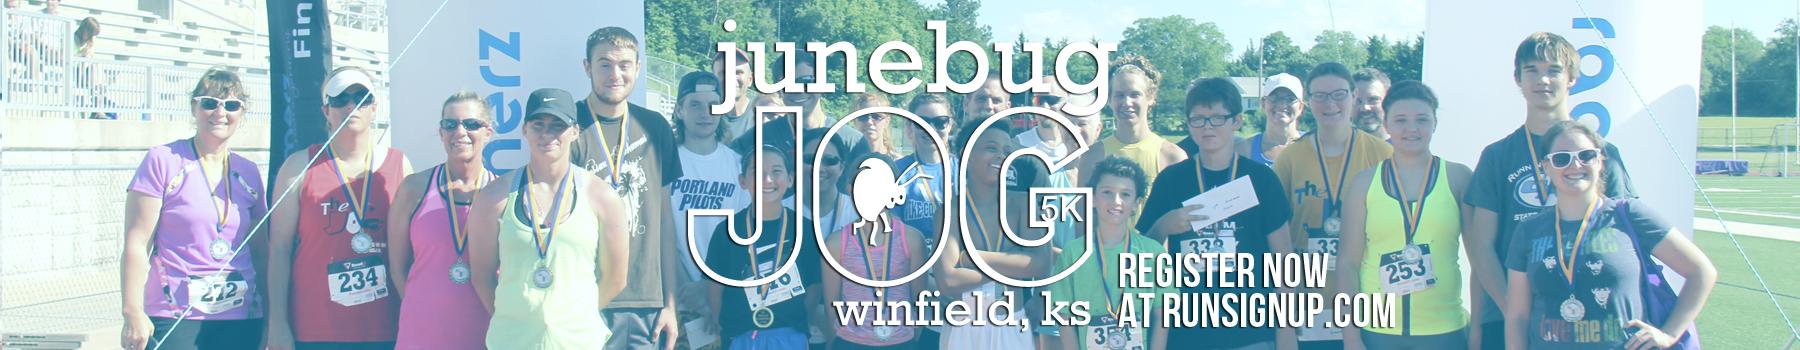 Junebug Jog Register Now